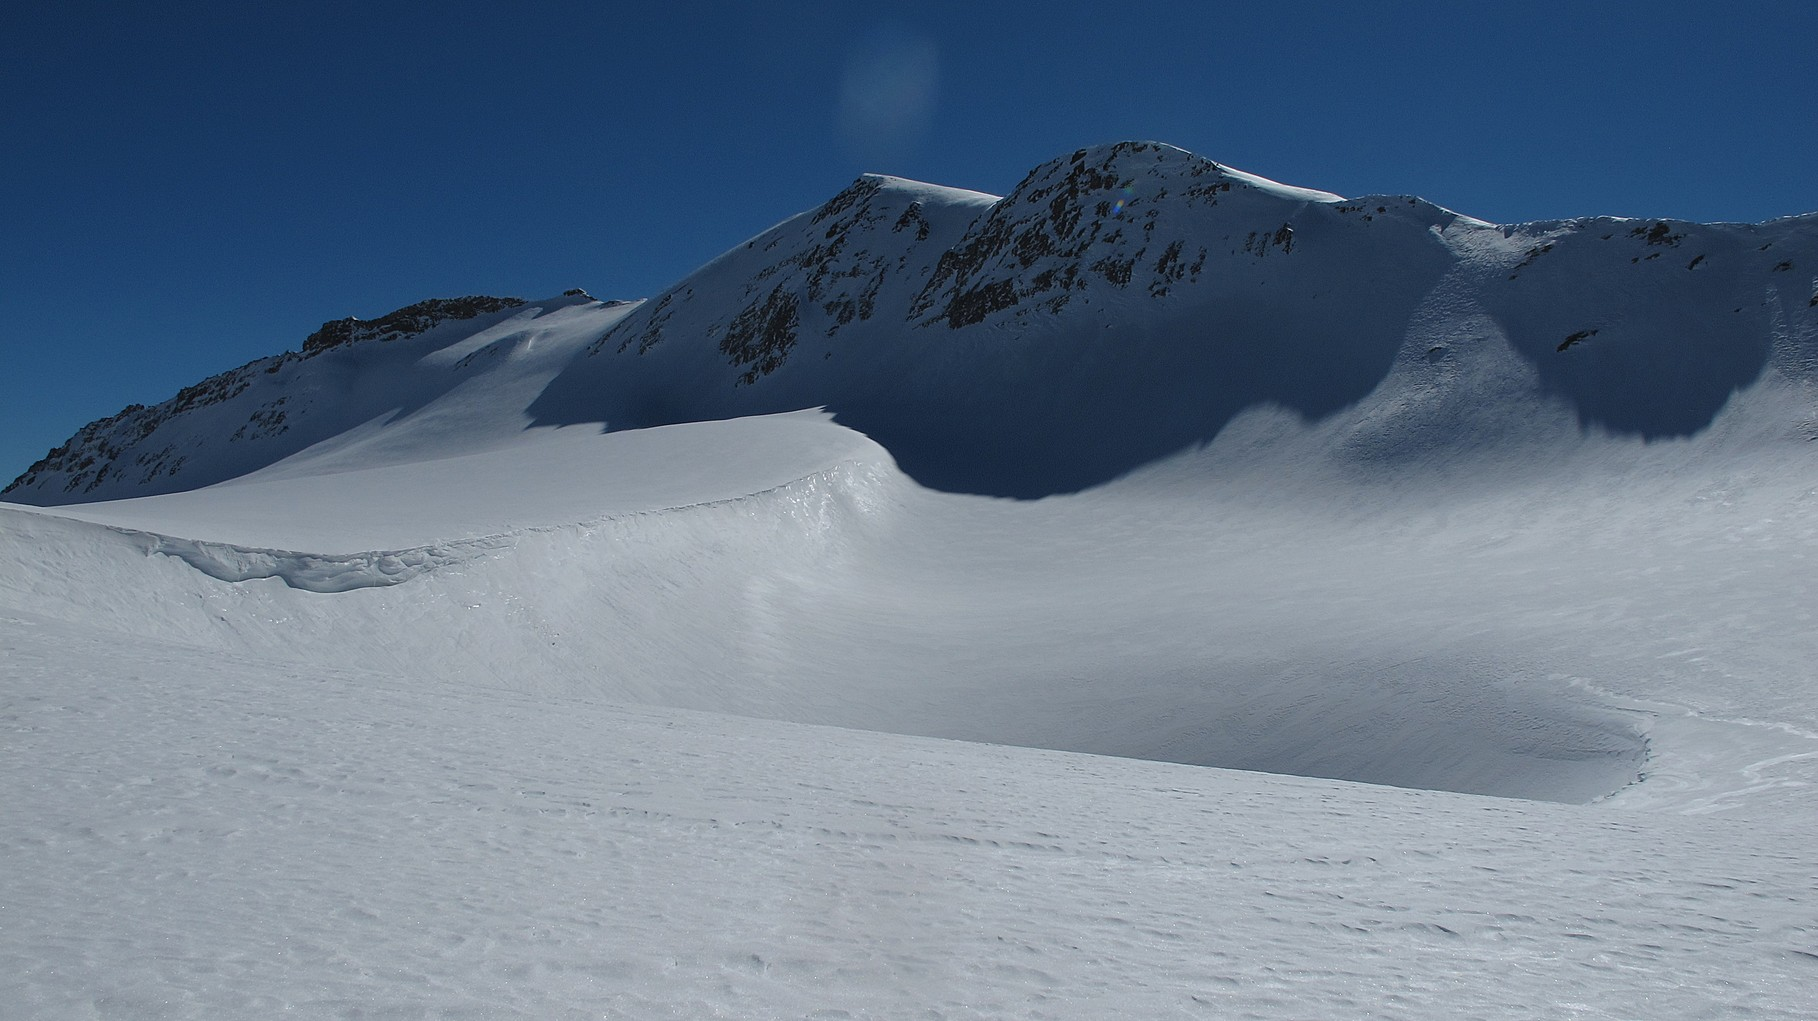 Von der Plaine Morte Sicht auf den Gipfel (kleiner Kopf)